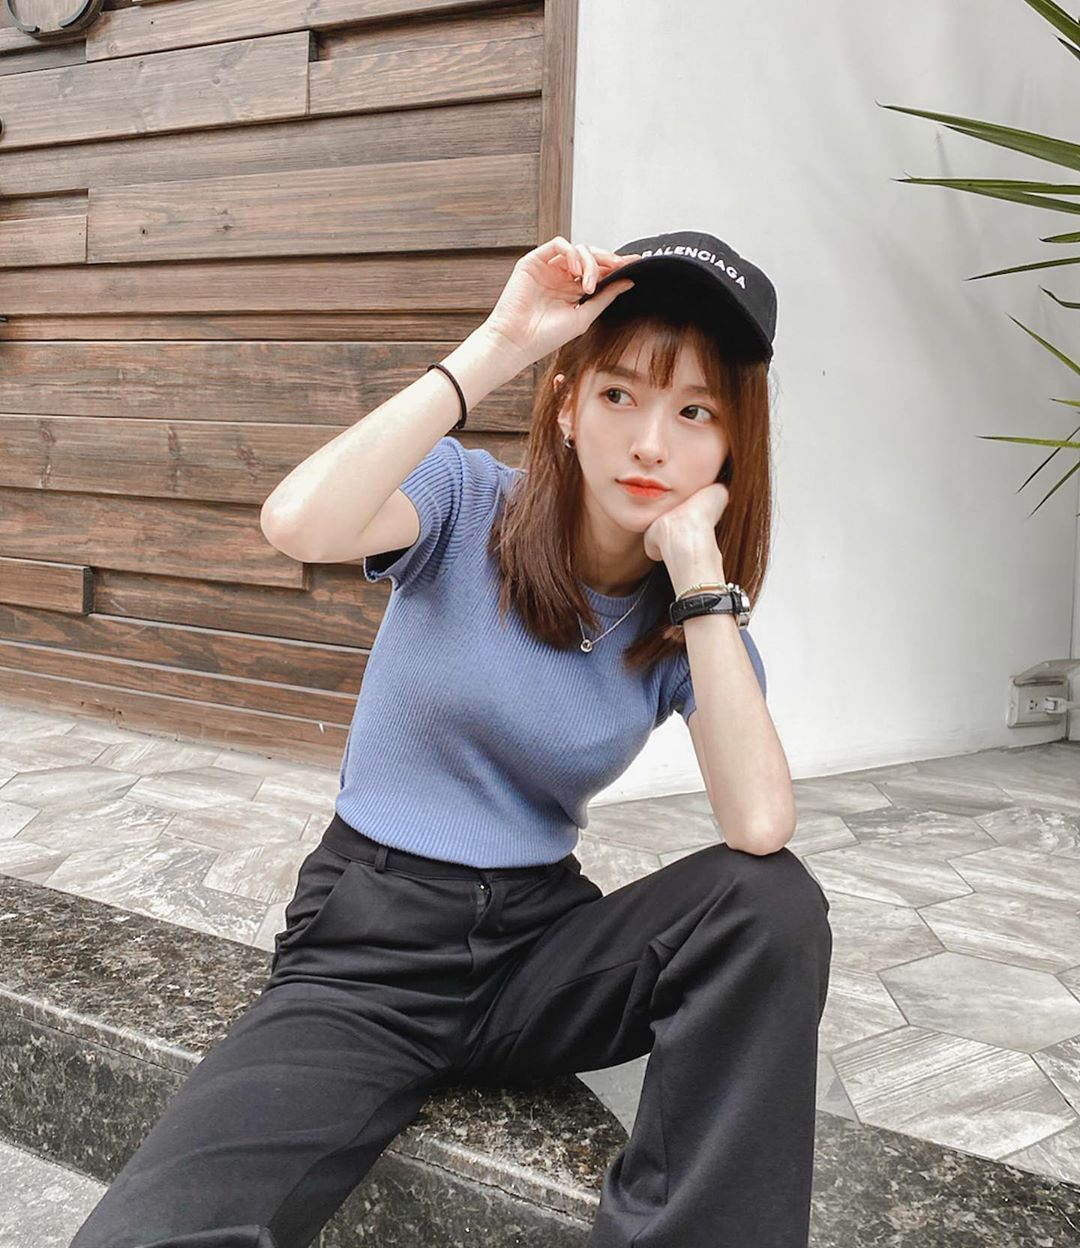 清新正妹「许家毓Yuki」邻家气质太迷人,女友力破表人人都痴狂!